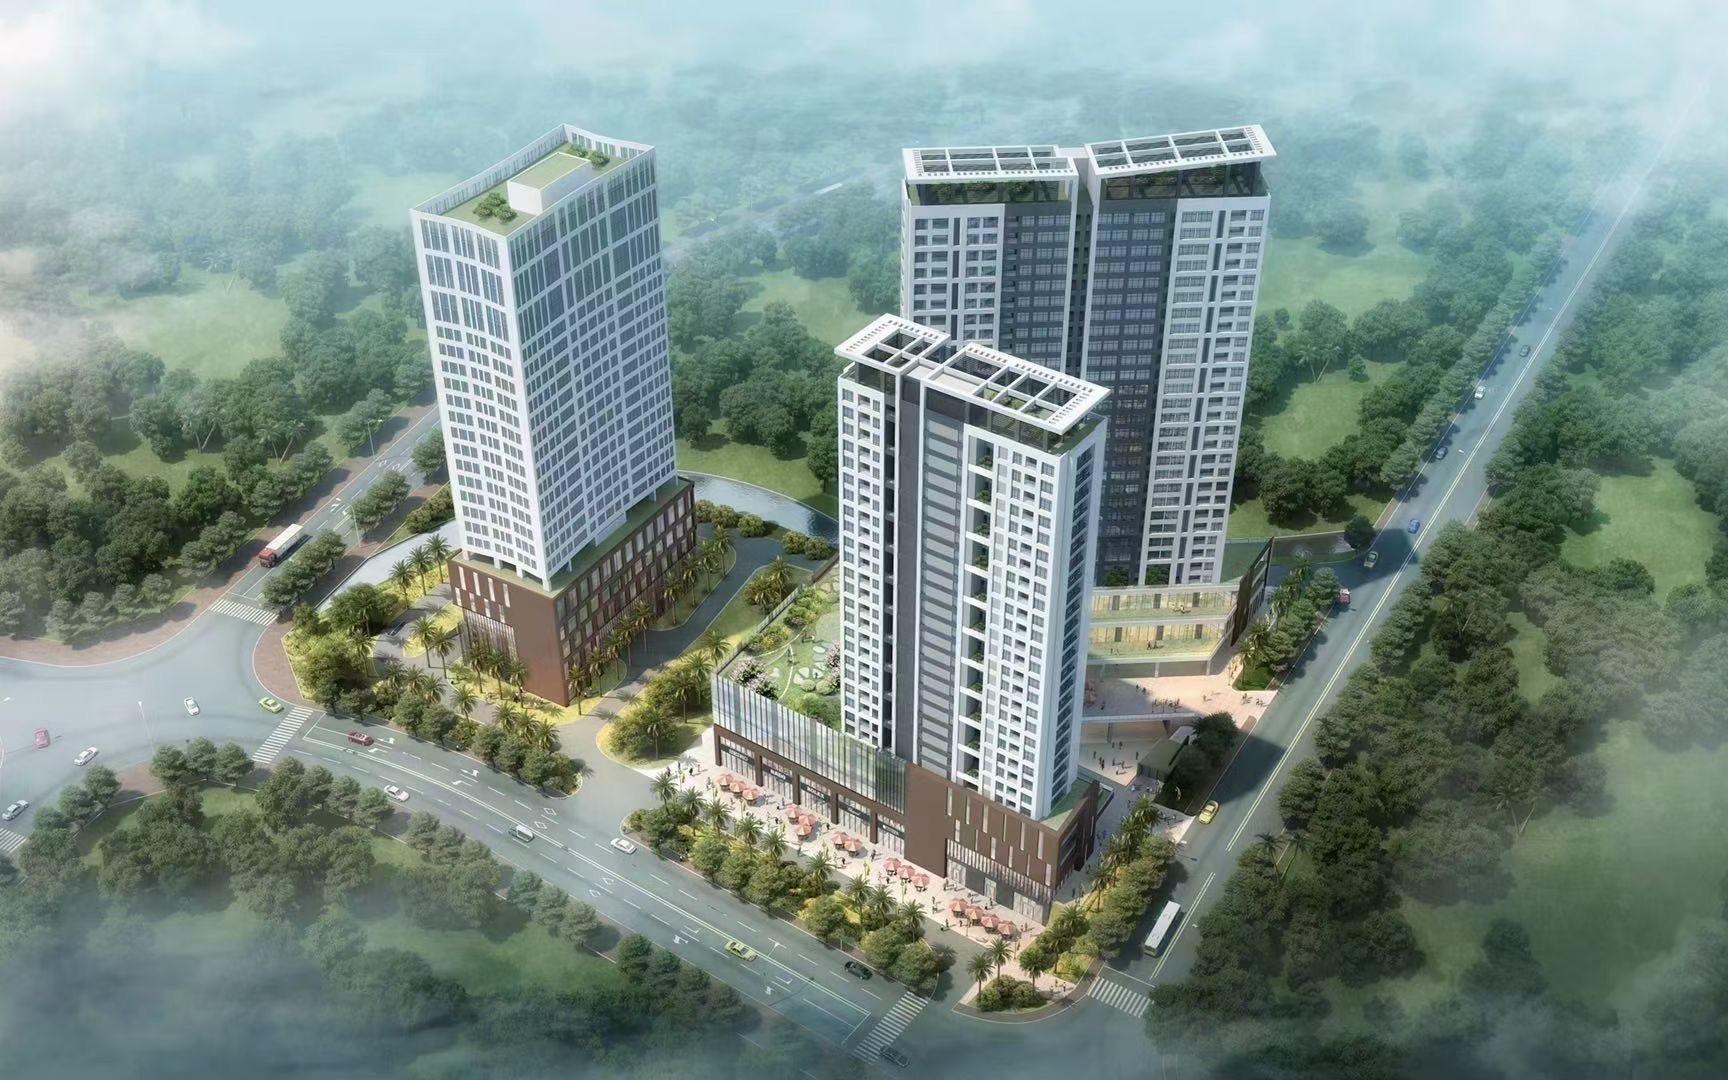 深圳布吉独立红本房《李朗城市广场》大型花园小区,盛大开盘